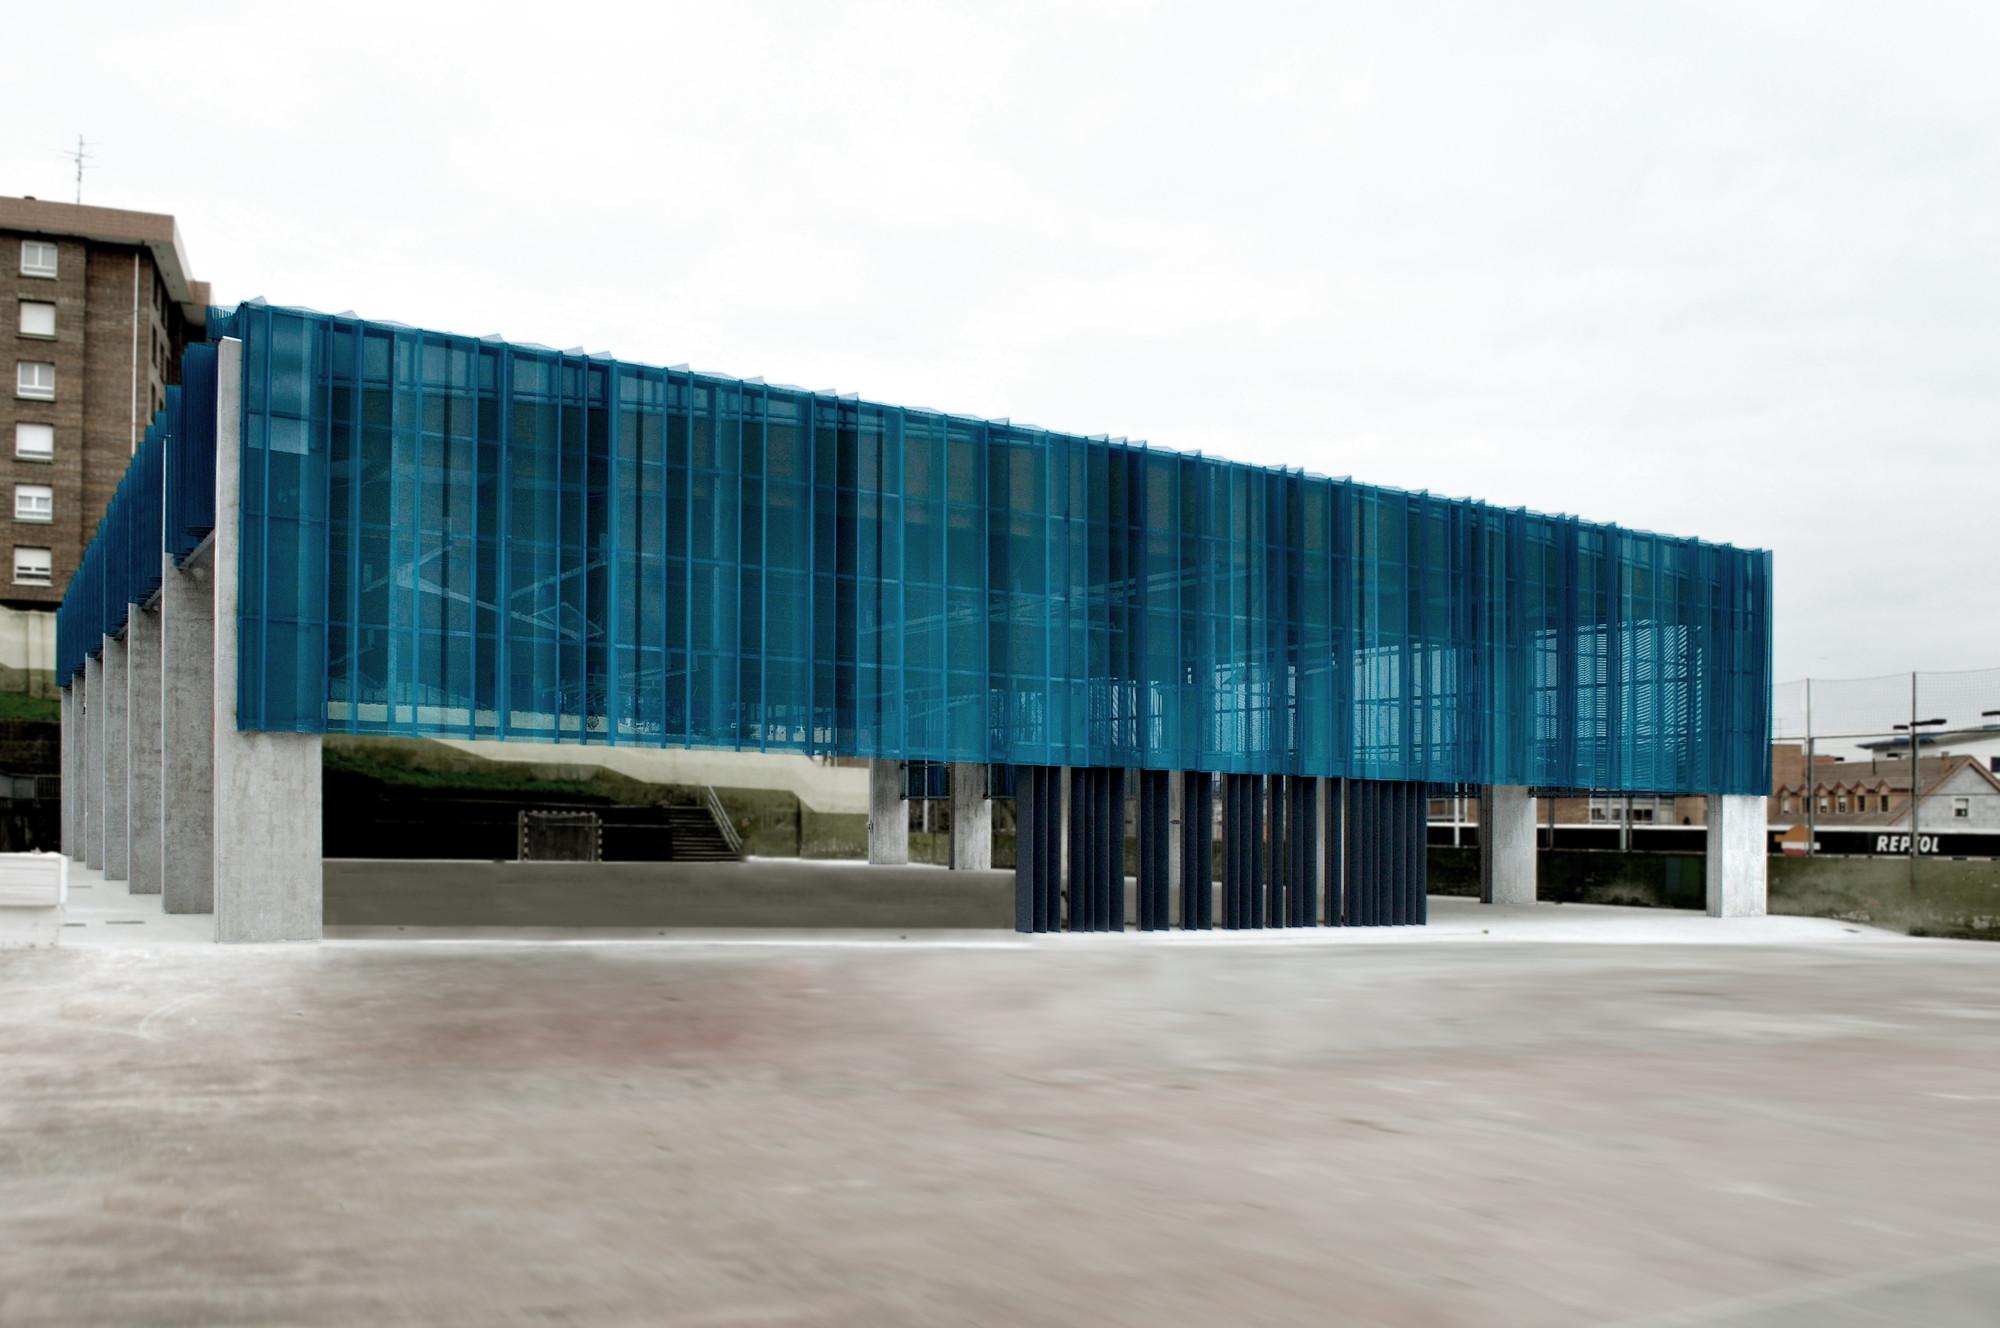 Cubrición Pista Polideportiva en Barakaldo / Garmendia Arquitectos, © Carlos Garmendia Fernández